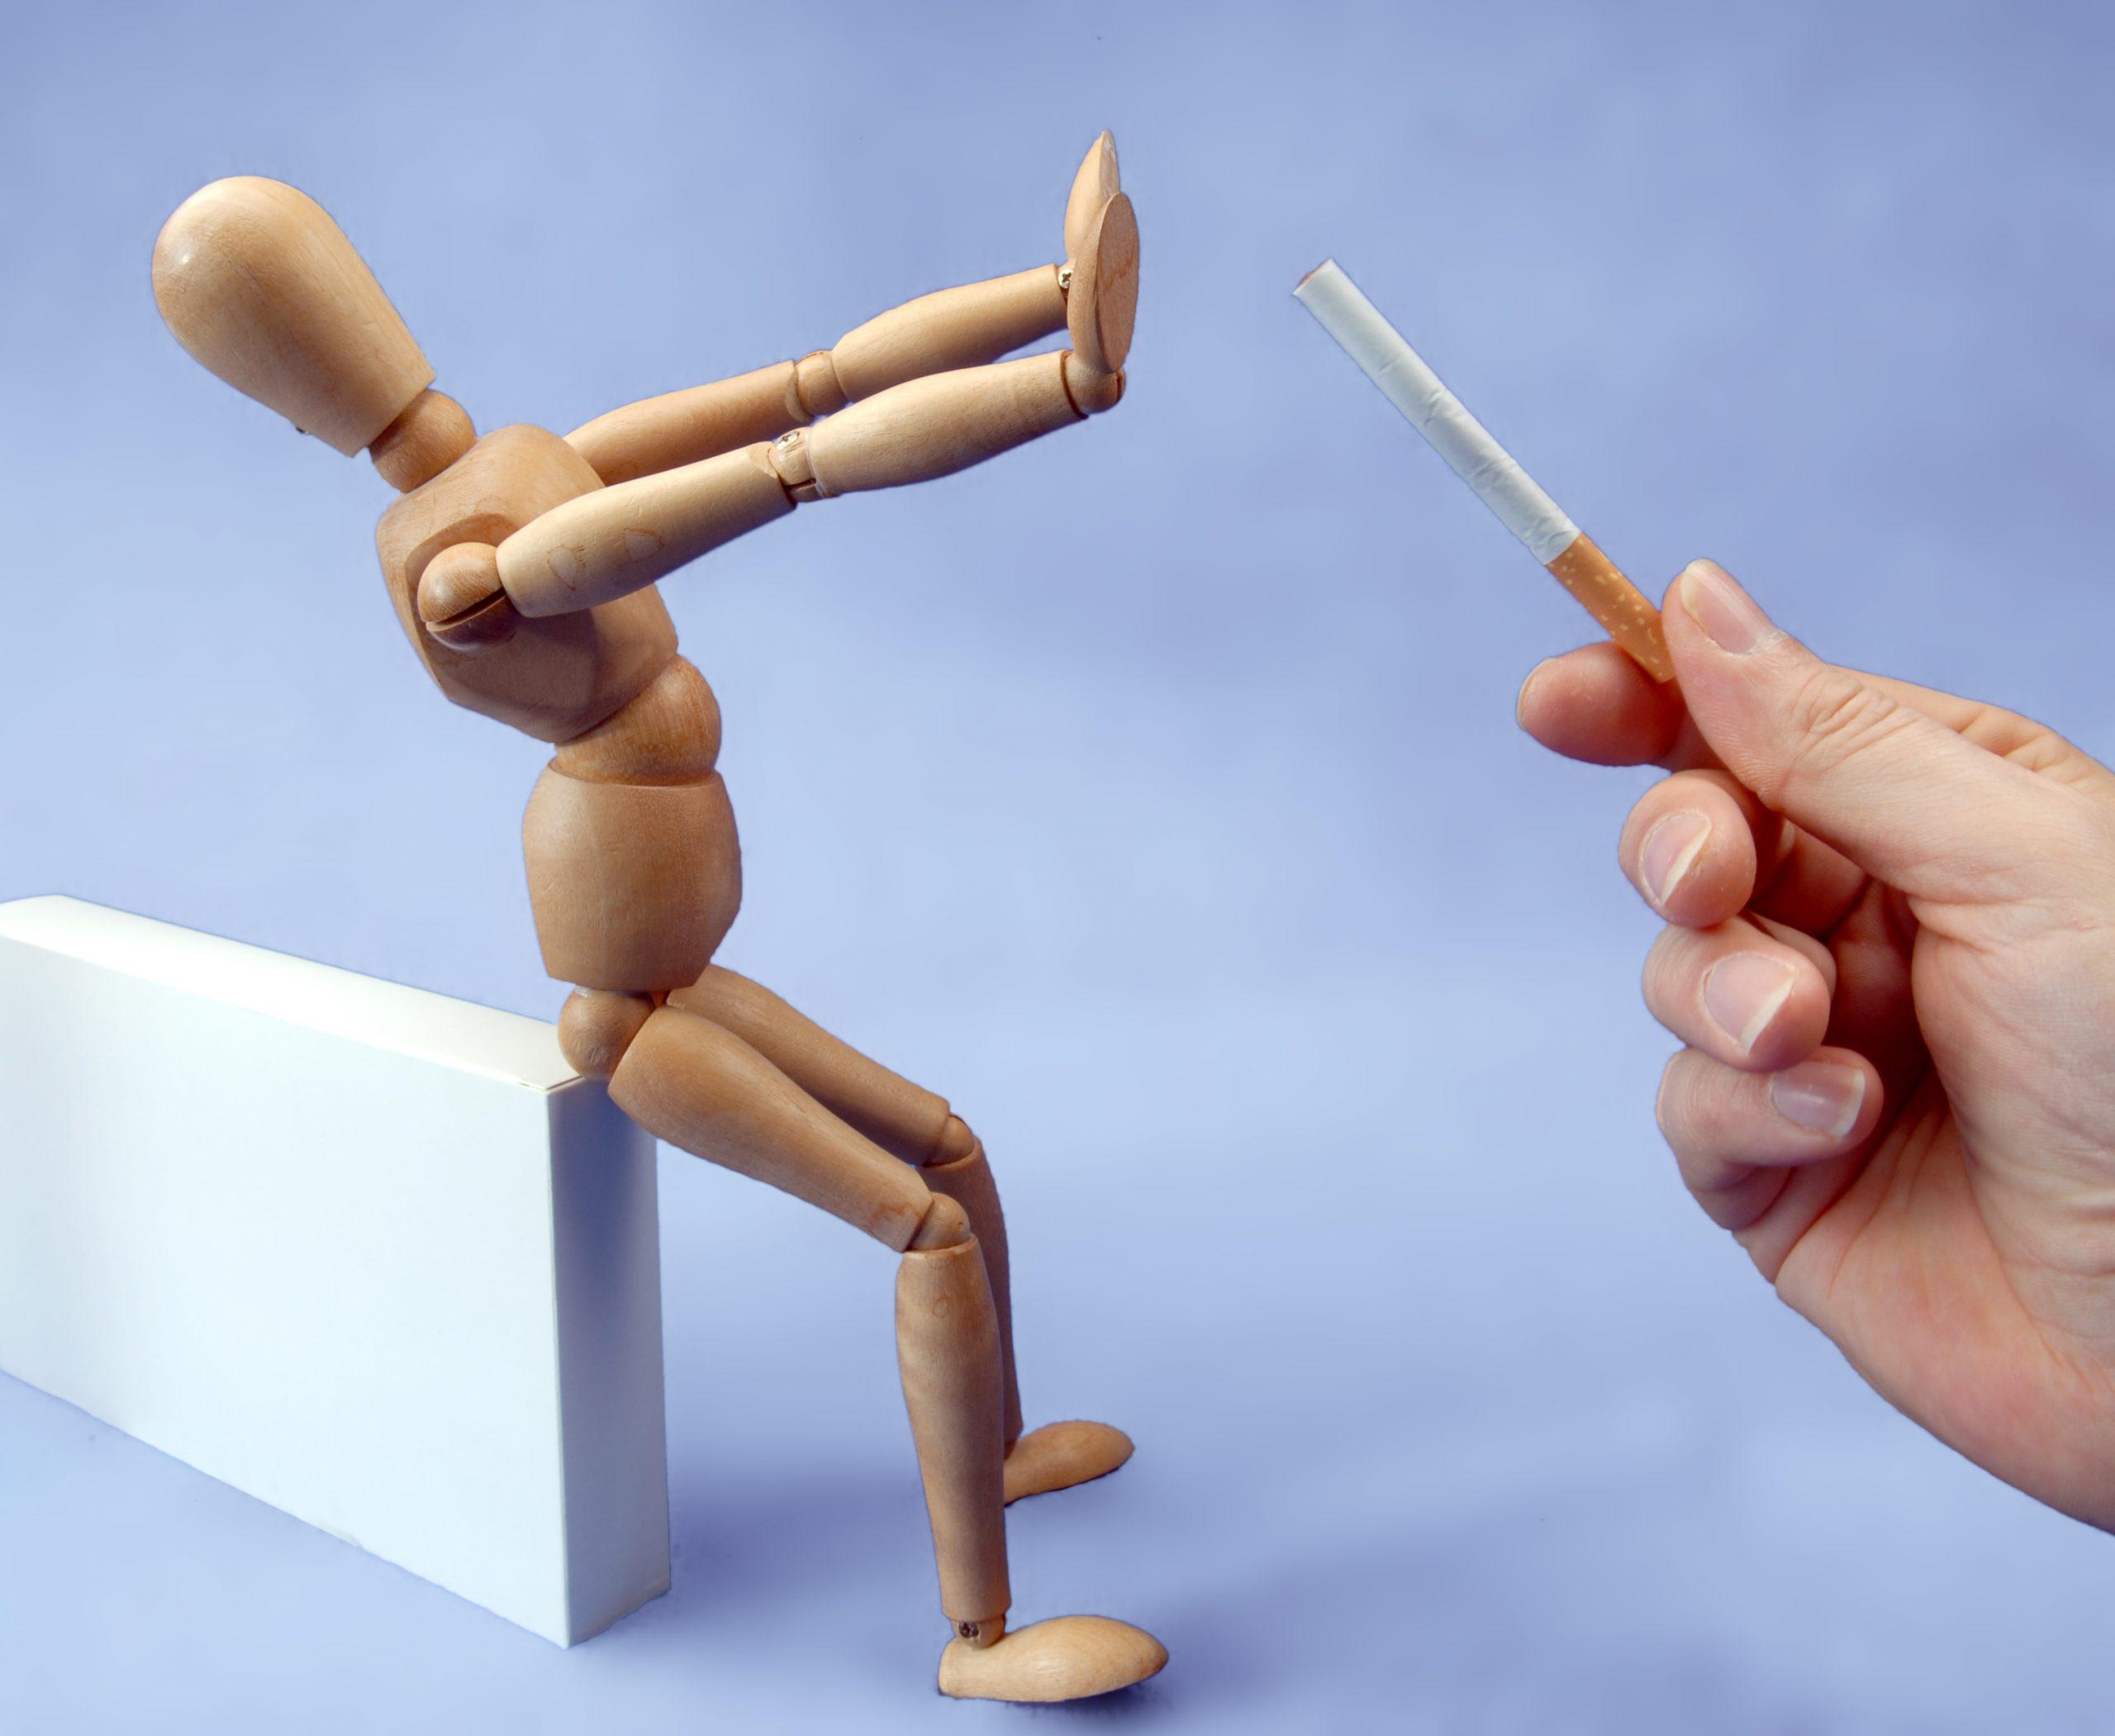 Holzfigur an Kante sitzend lehnt von Menschenhand gereichte Zigarette vehement ab